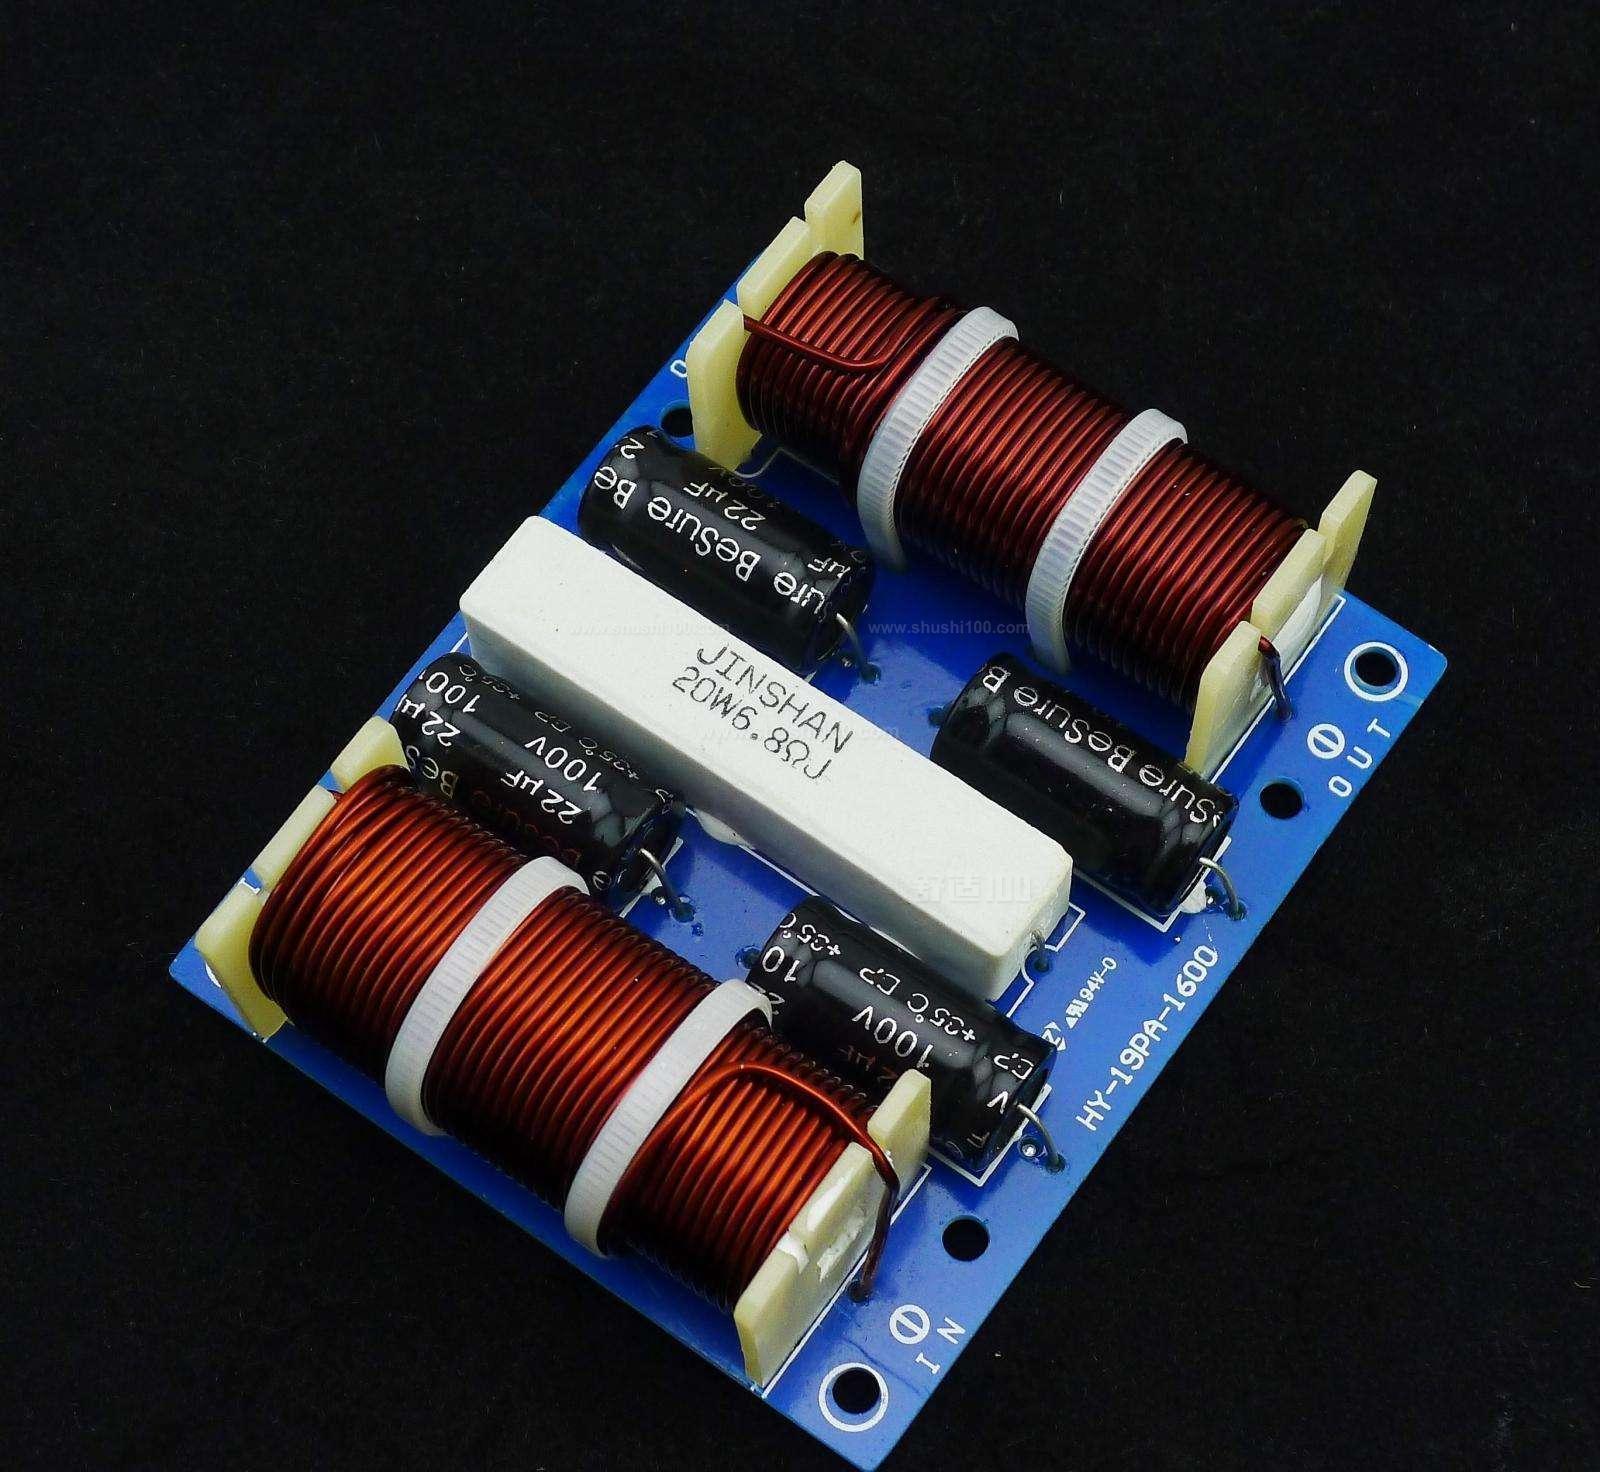 专业音箱分频器—专业音箱分频器使用方法介绍